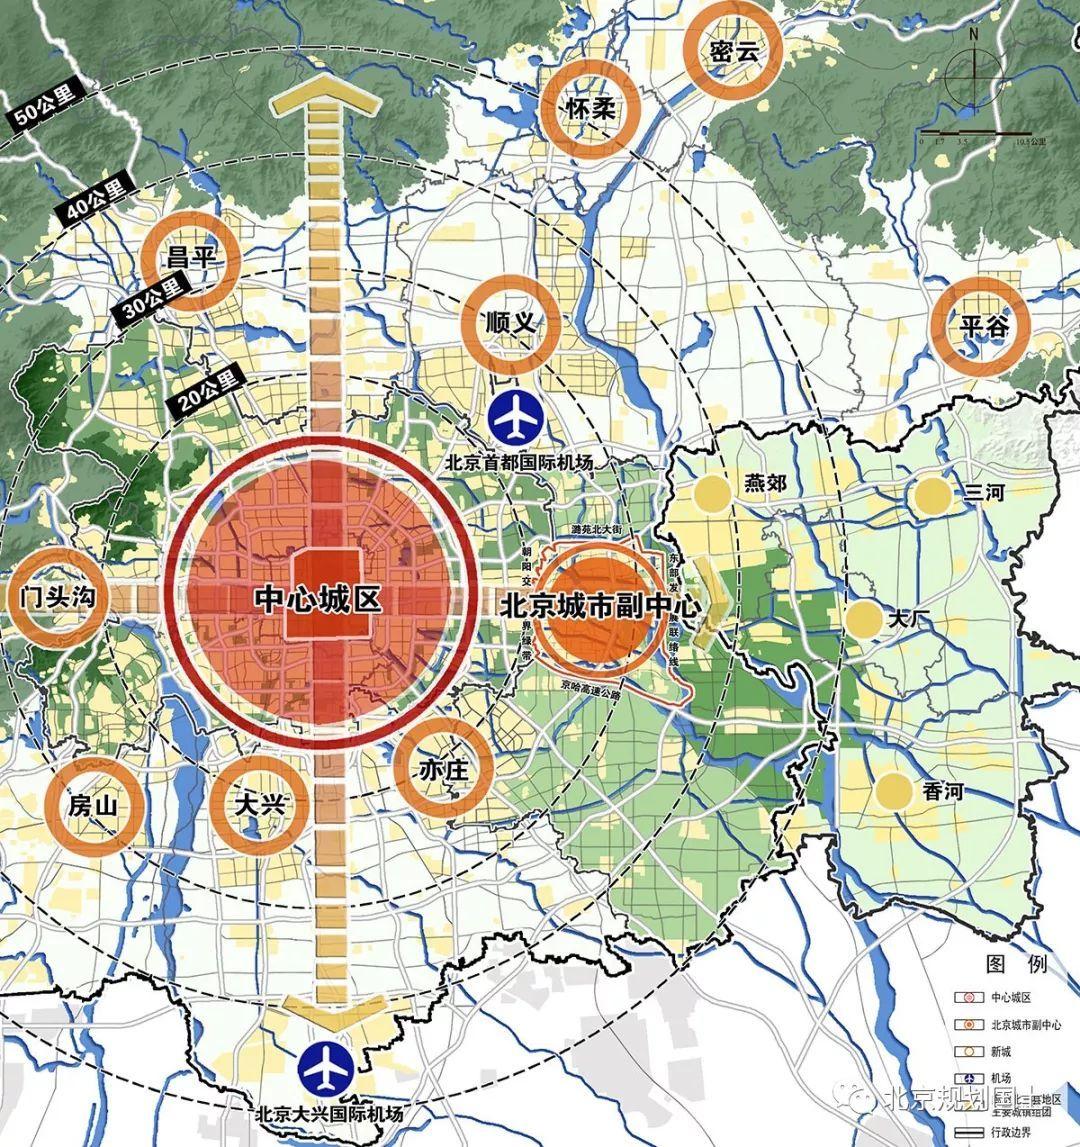 北京朝阳新城规划图_揭秘!北京城市副中心控规出炉记_规划